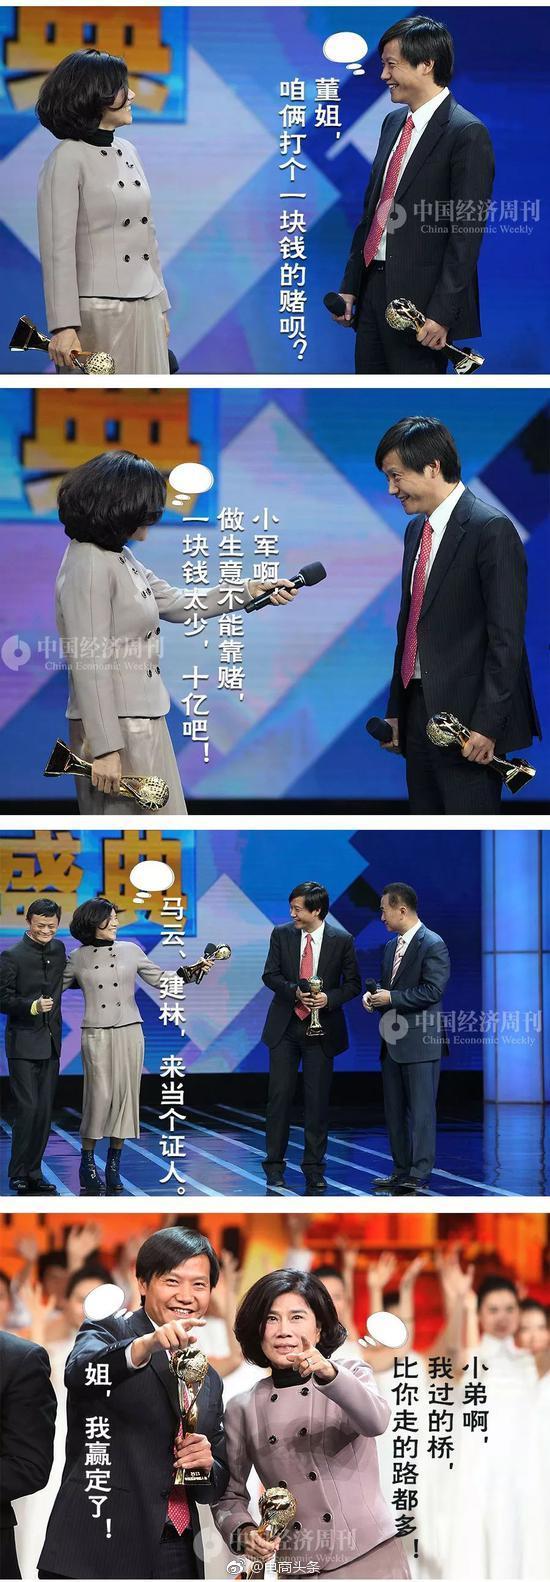 图解:董小姐、雷布斯的10亿恩仇录!来源:中国经济周刊